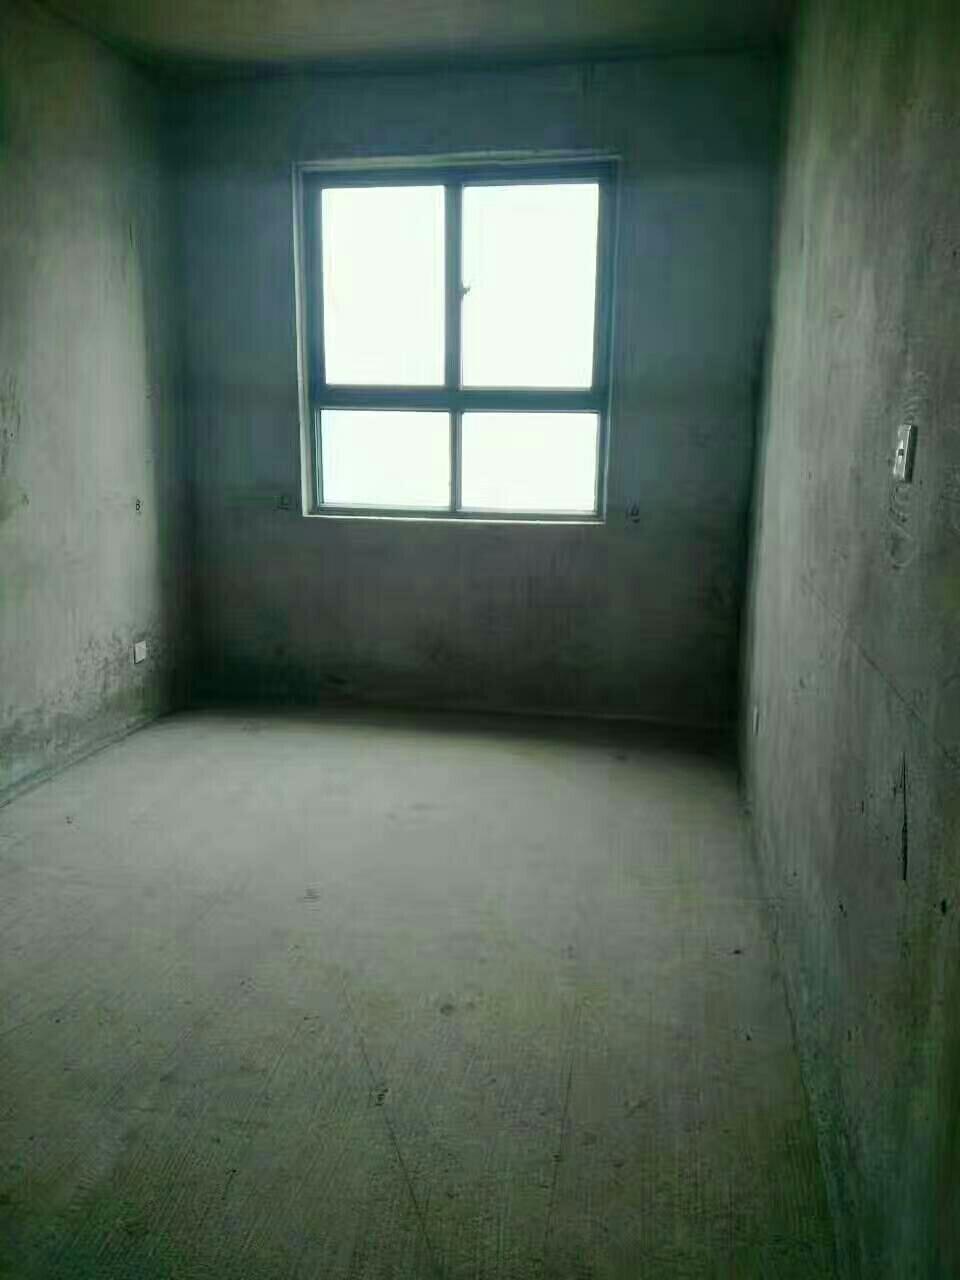 泰成悦府3室2厅1卫南北通透采光好